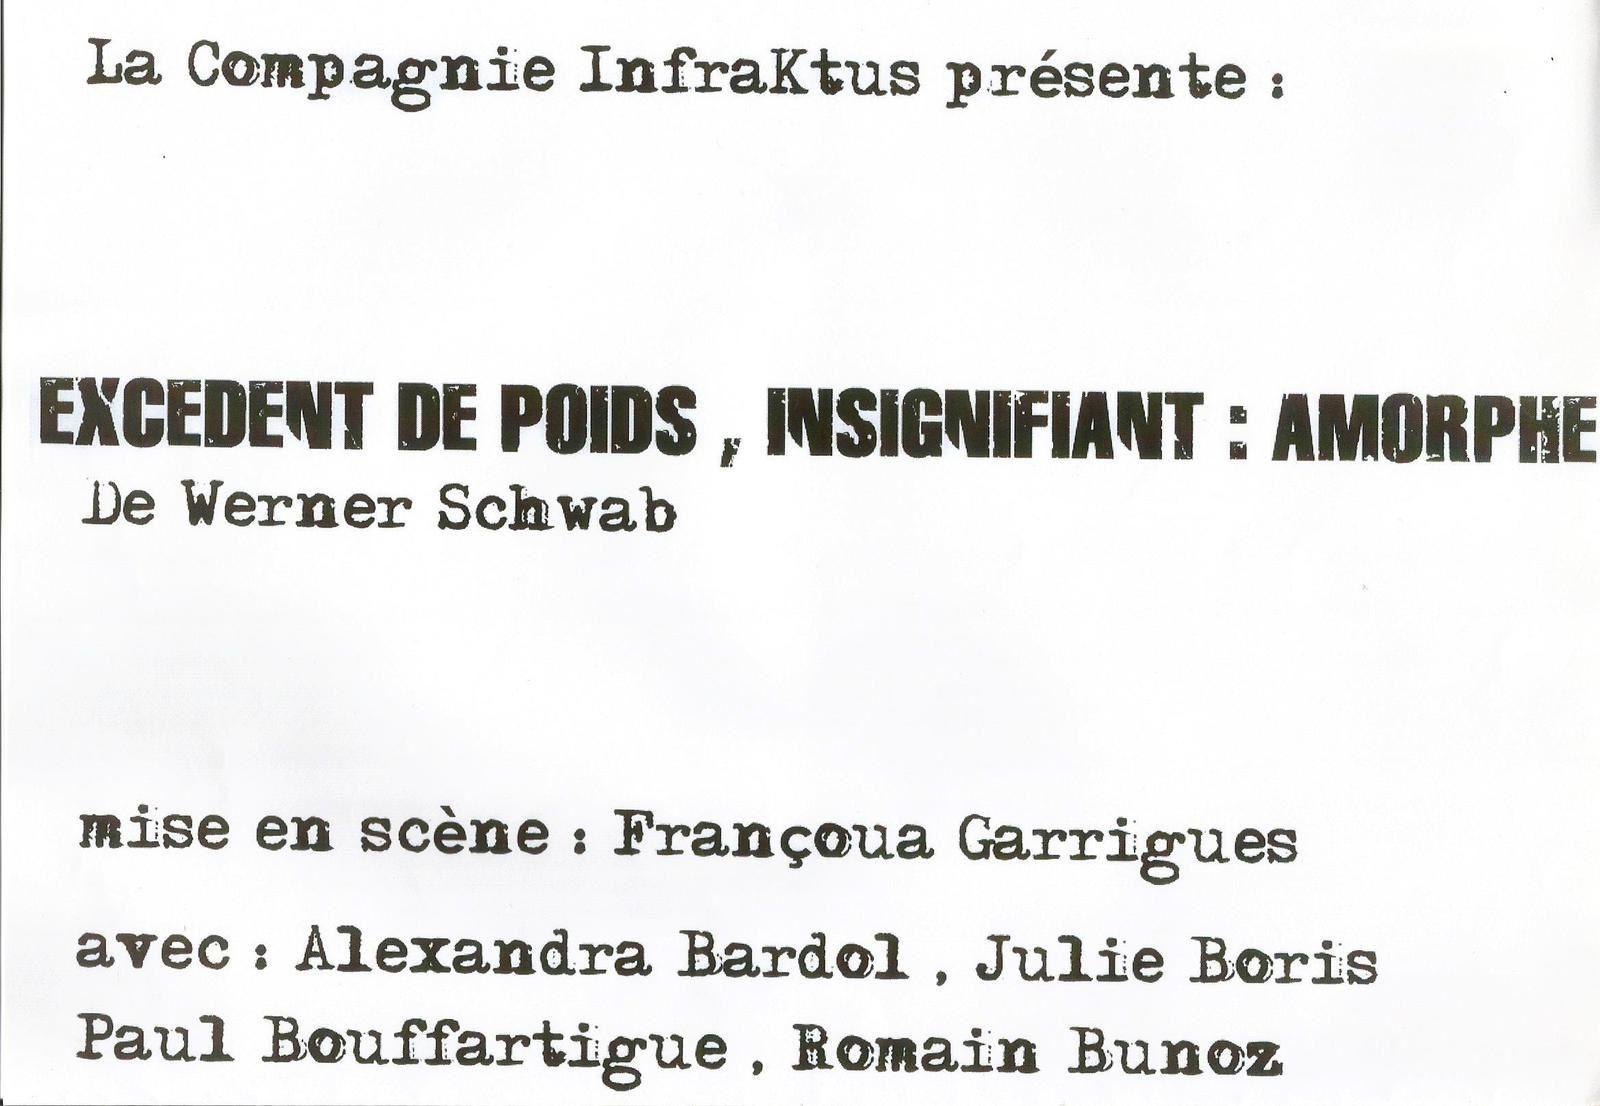 EXCEDENT DE POIDS, INSIGNIFIANT : AMORPHE - Compagnie InfraKtus (Sputnik 347)